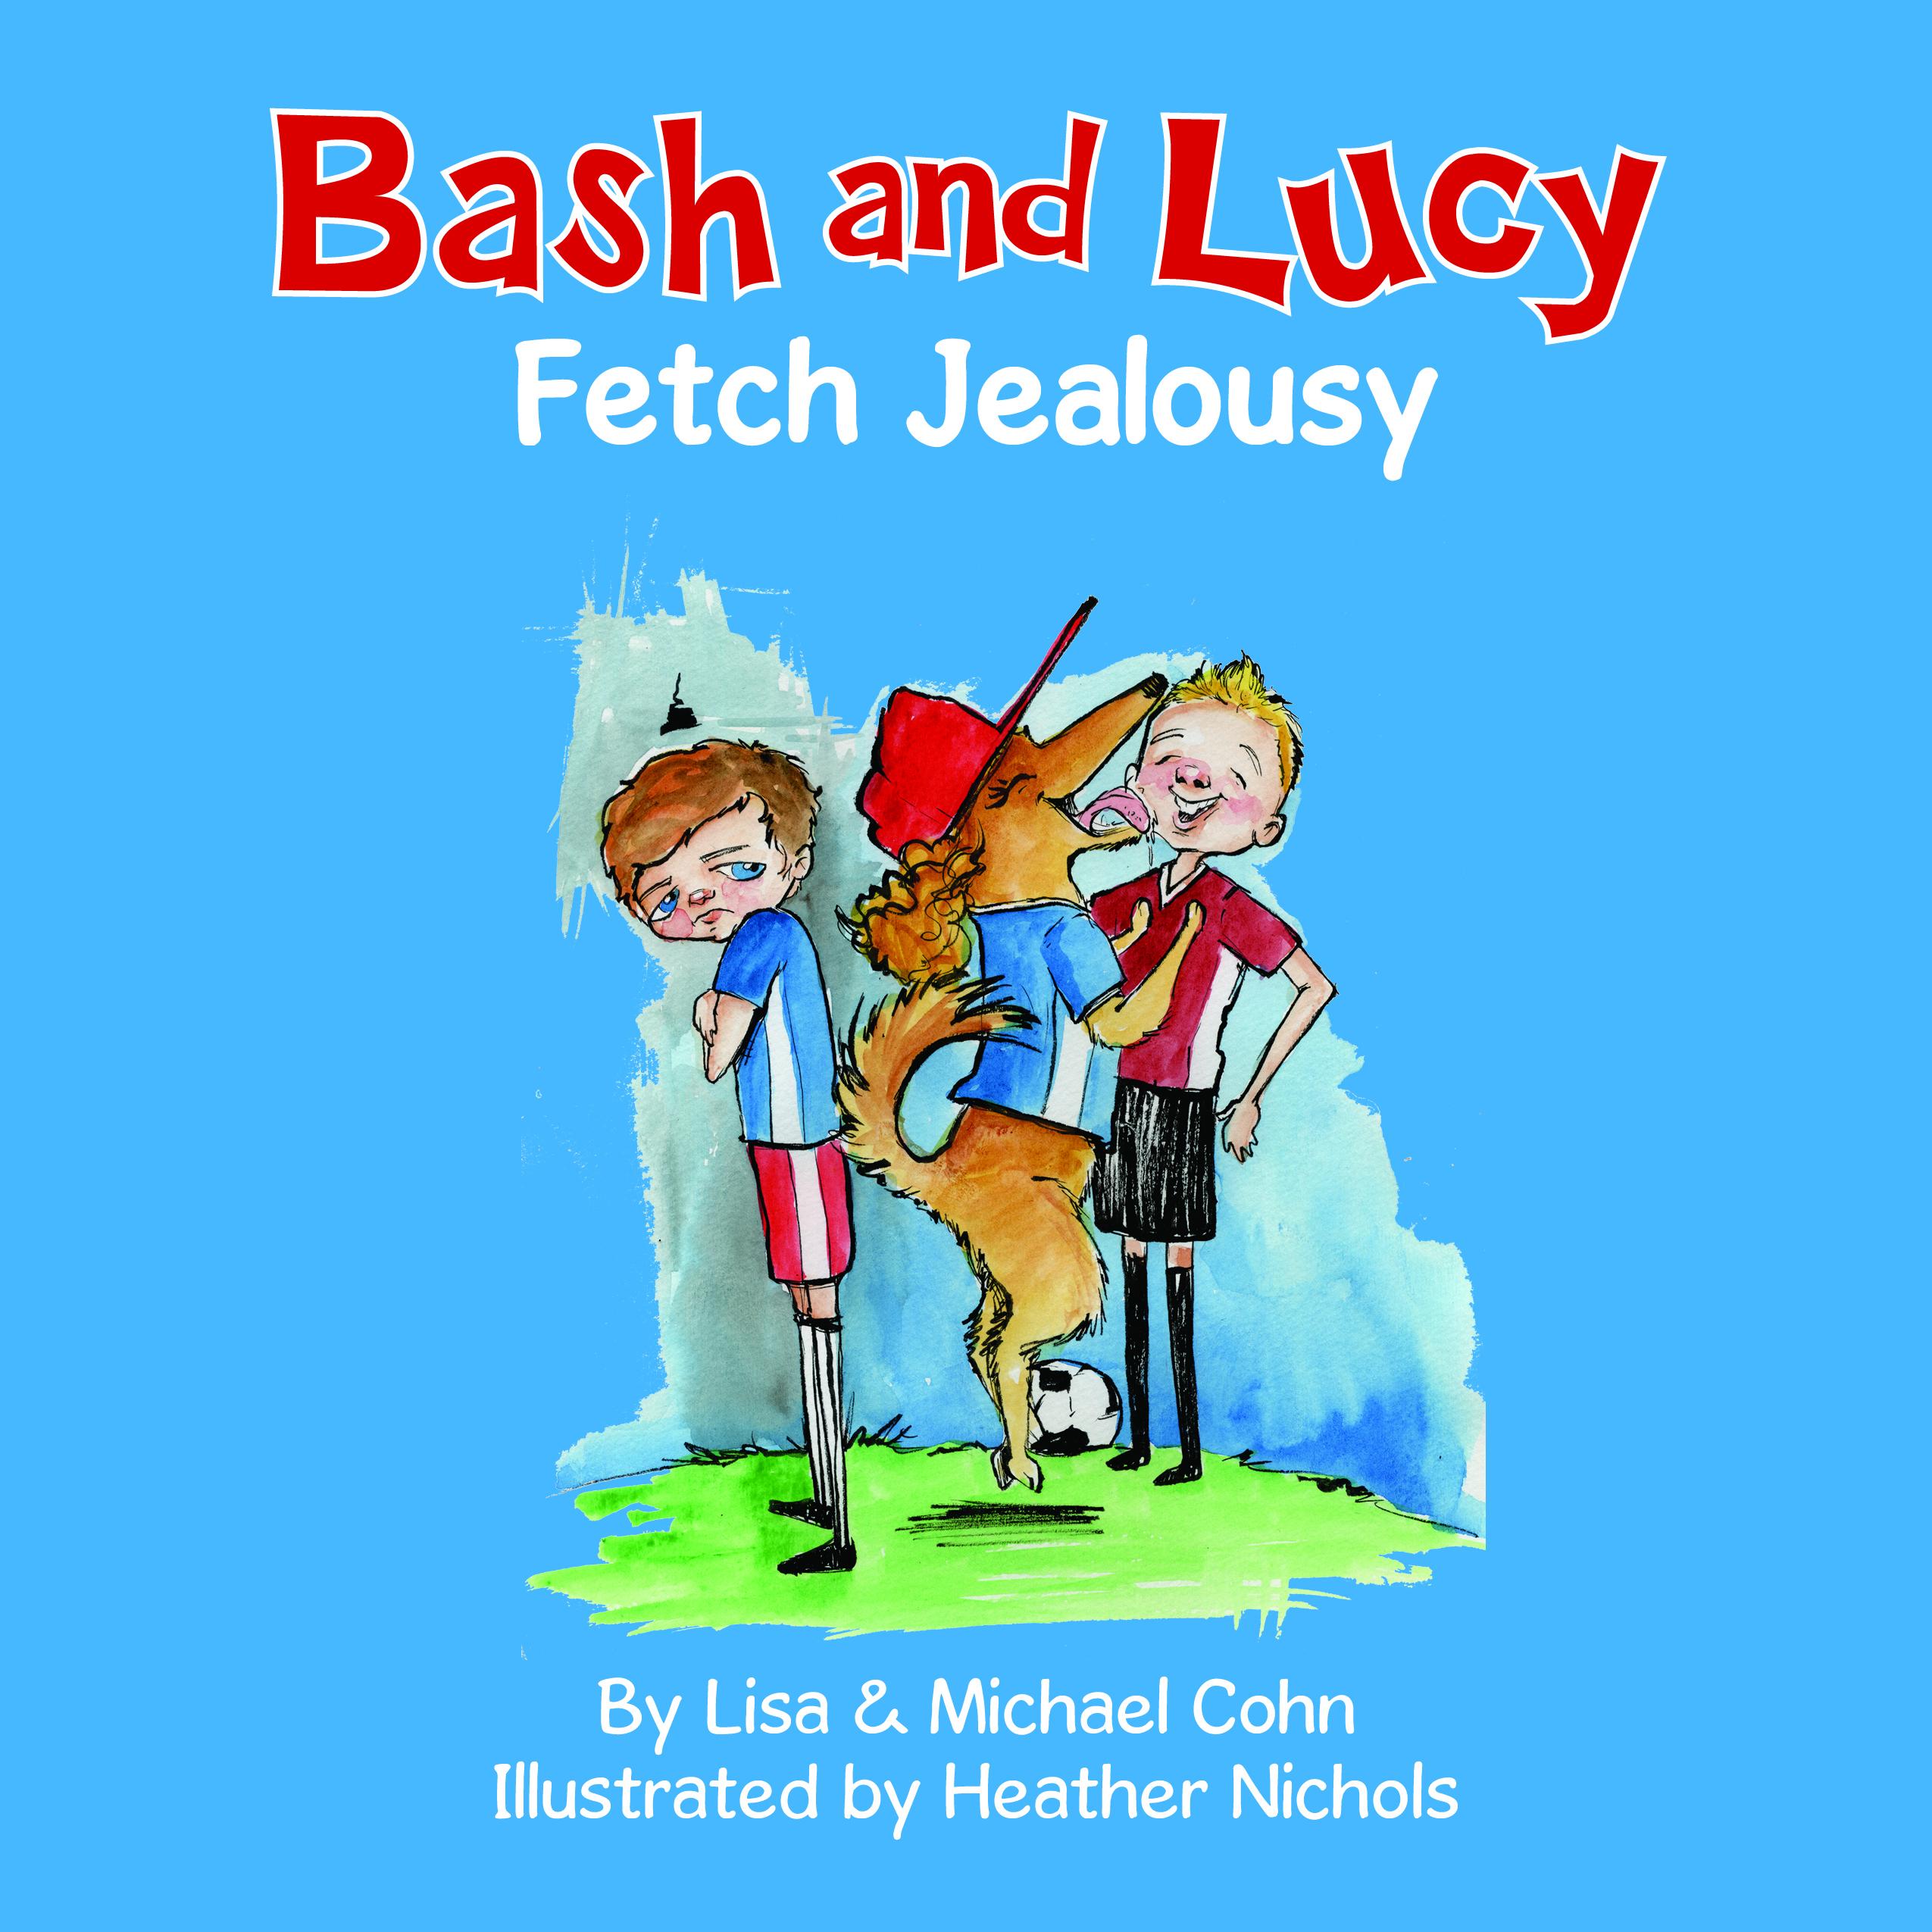 Lisa and Michael Cohn